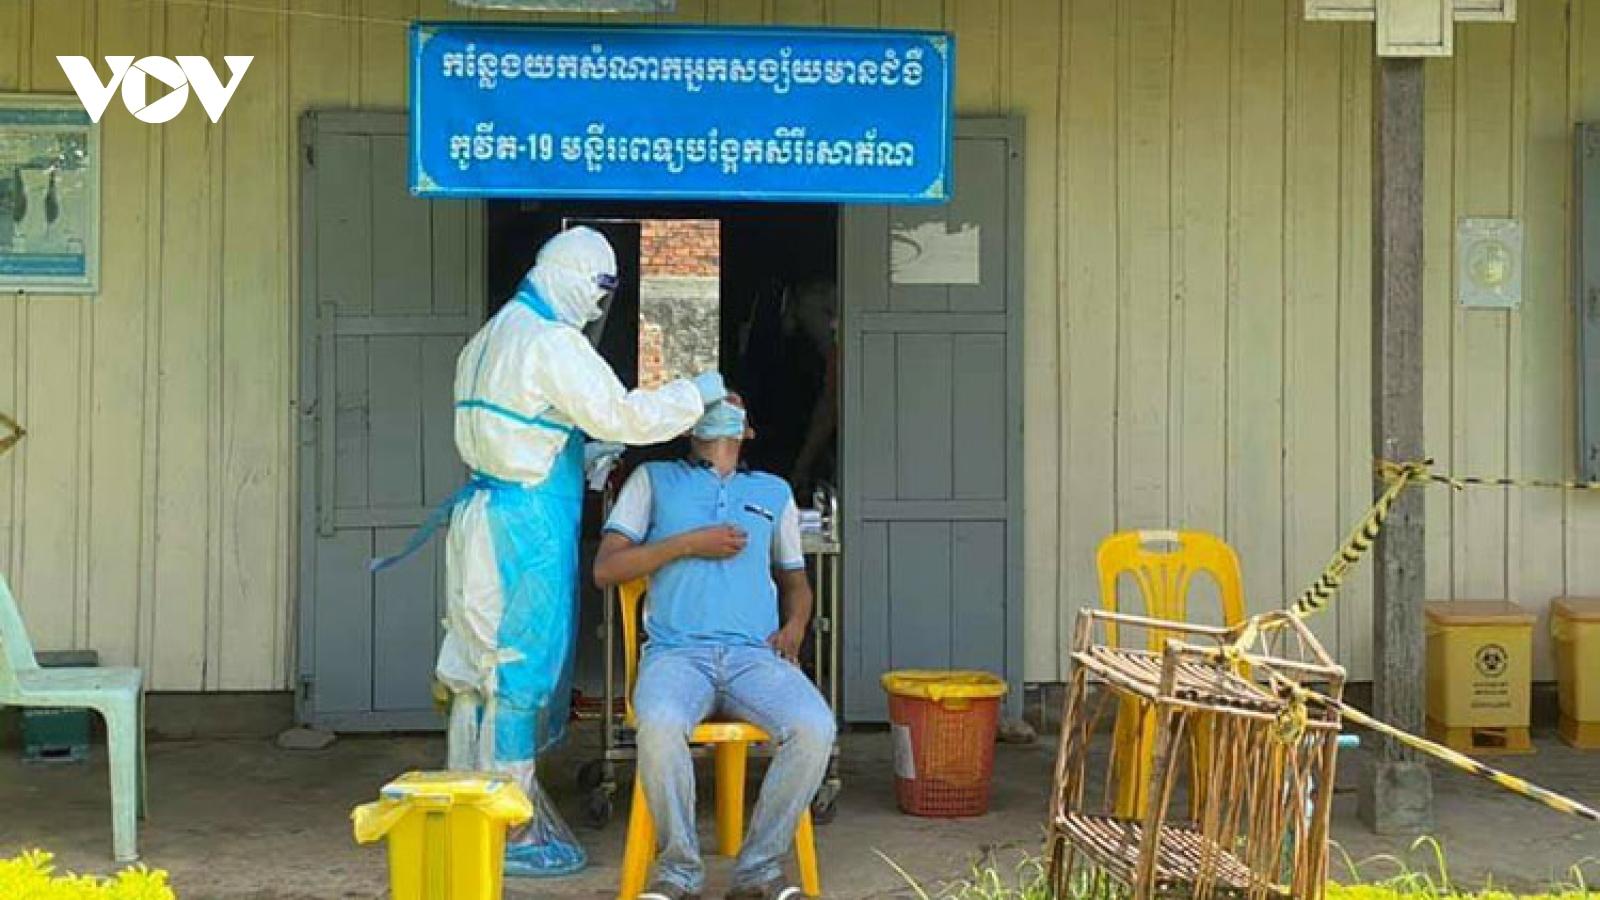 Bộ y tế Campuchia cho phép các khách sạn chăm sóc, điều trị bệnh nhân Covid-19 nhẹ